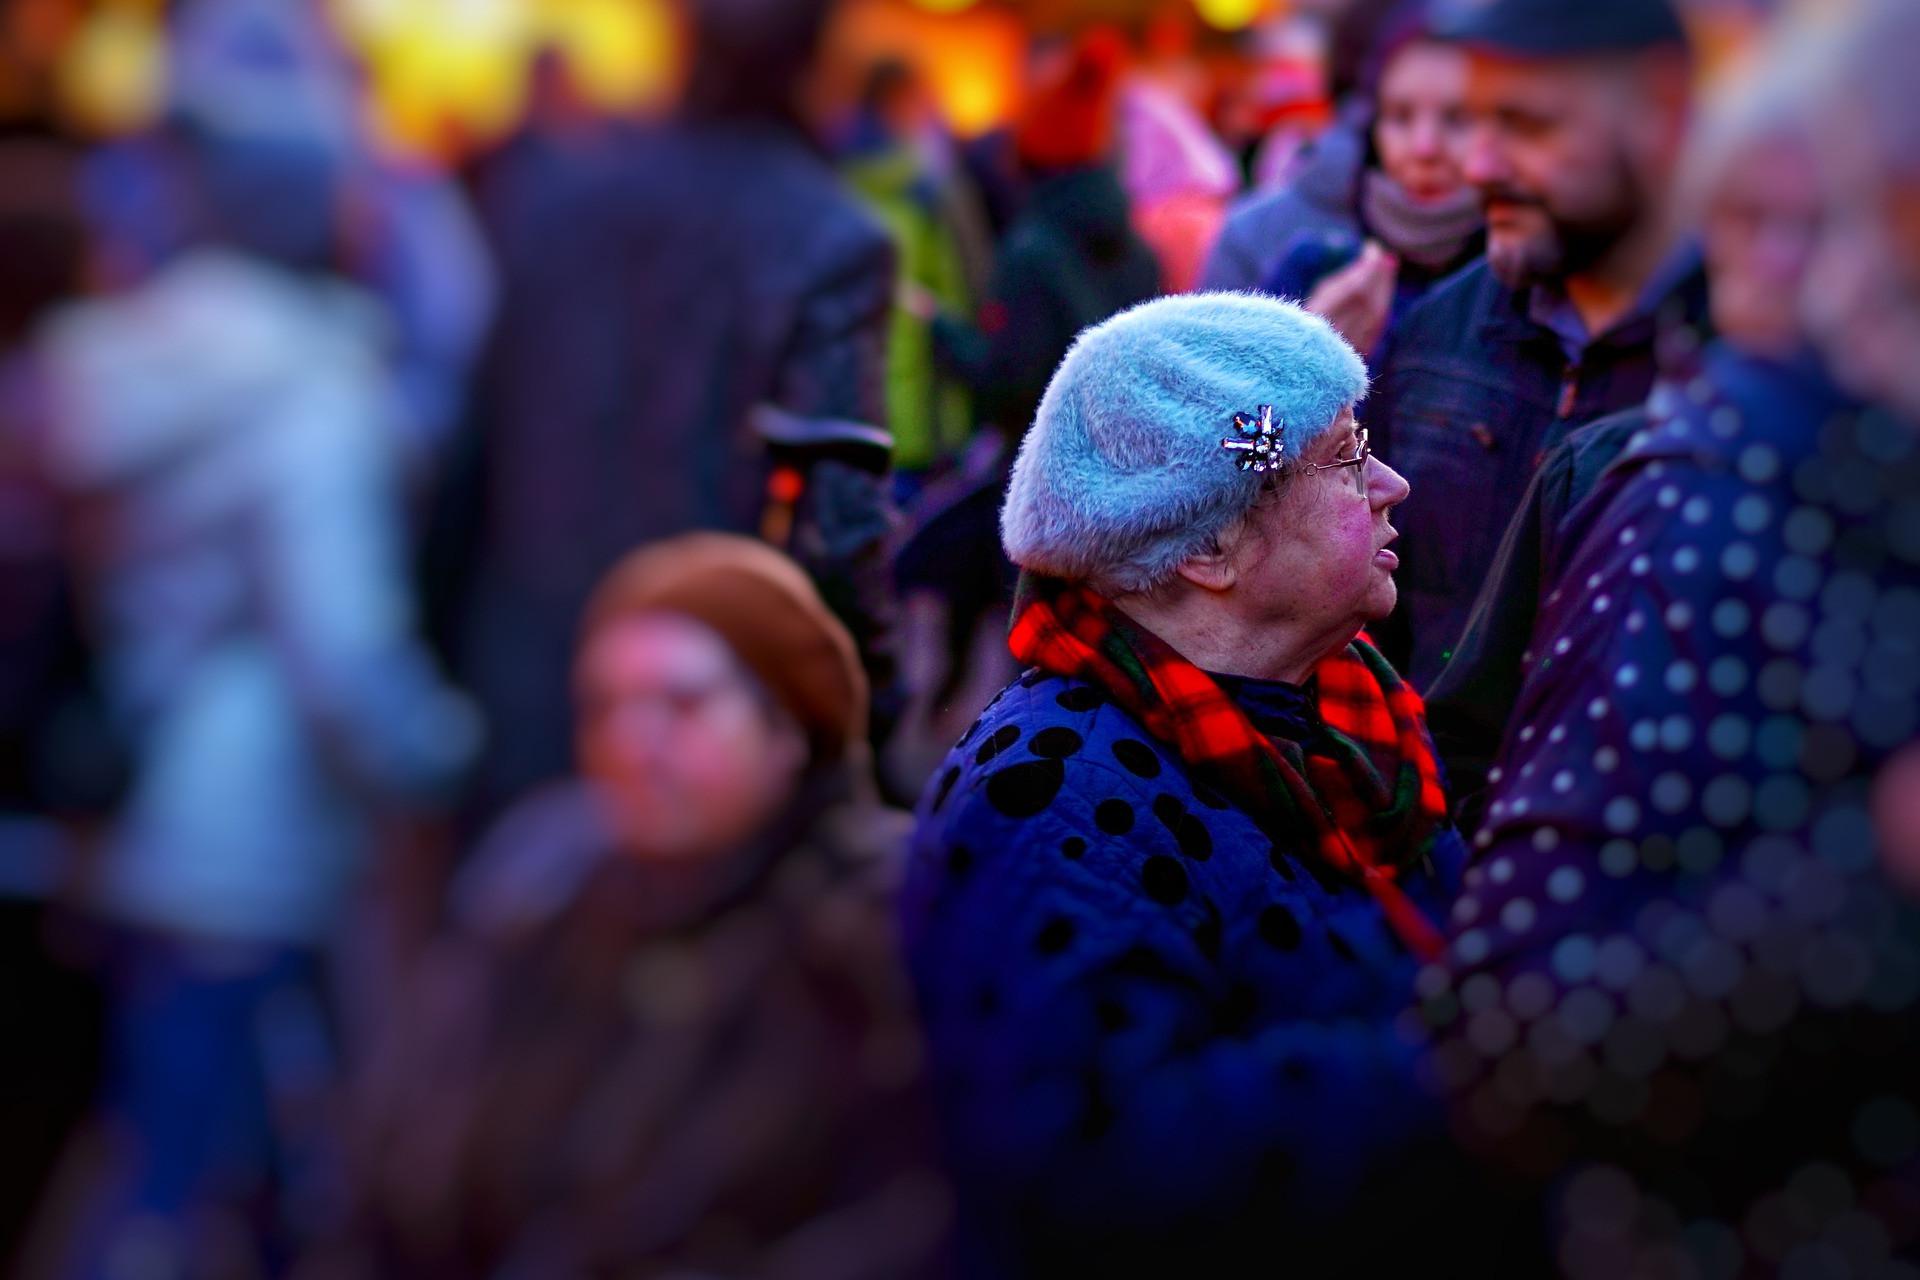 Az ünnepek alatt figyeljünk oda az idős, magányos emberekre is